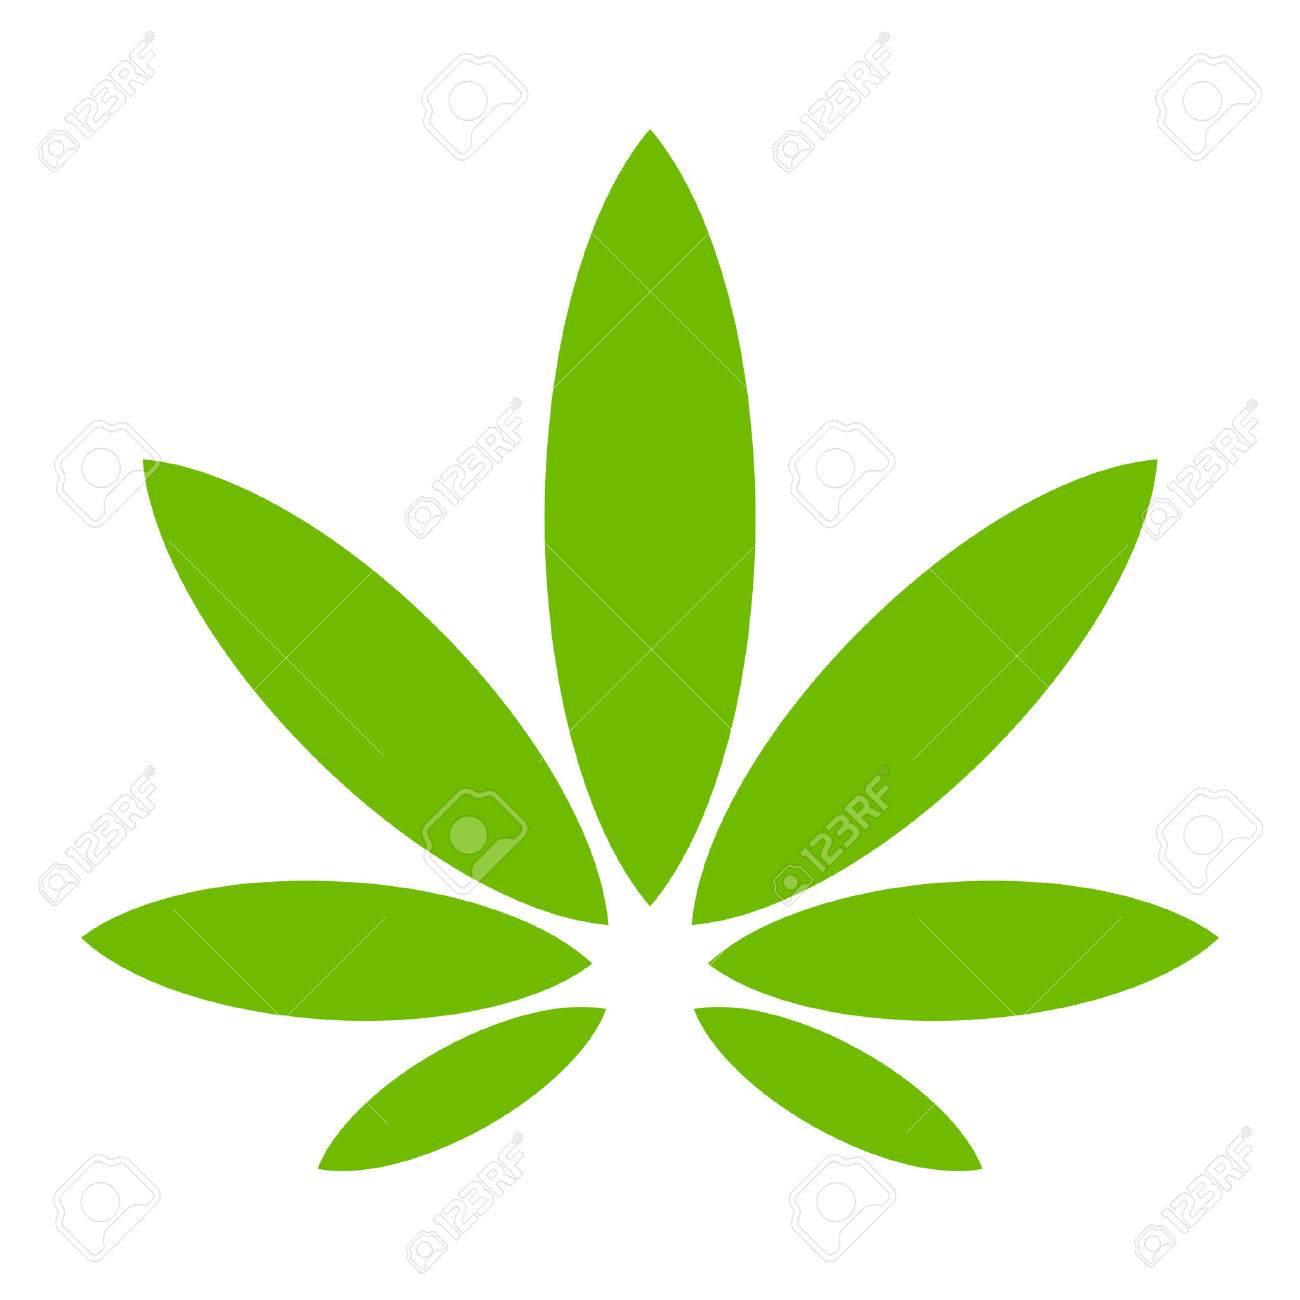 13 303 marijuana cliparts stock vector and royalty free marijuana rh 123rf com marijuana leaf clip art marijuana leaf clip art